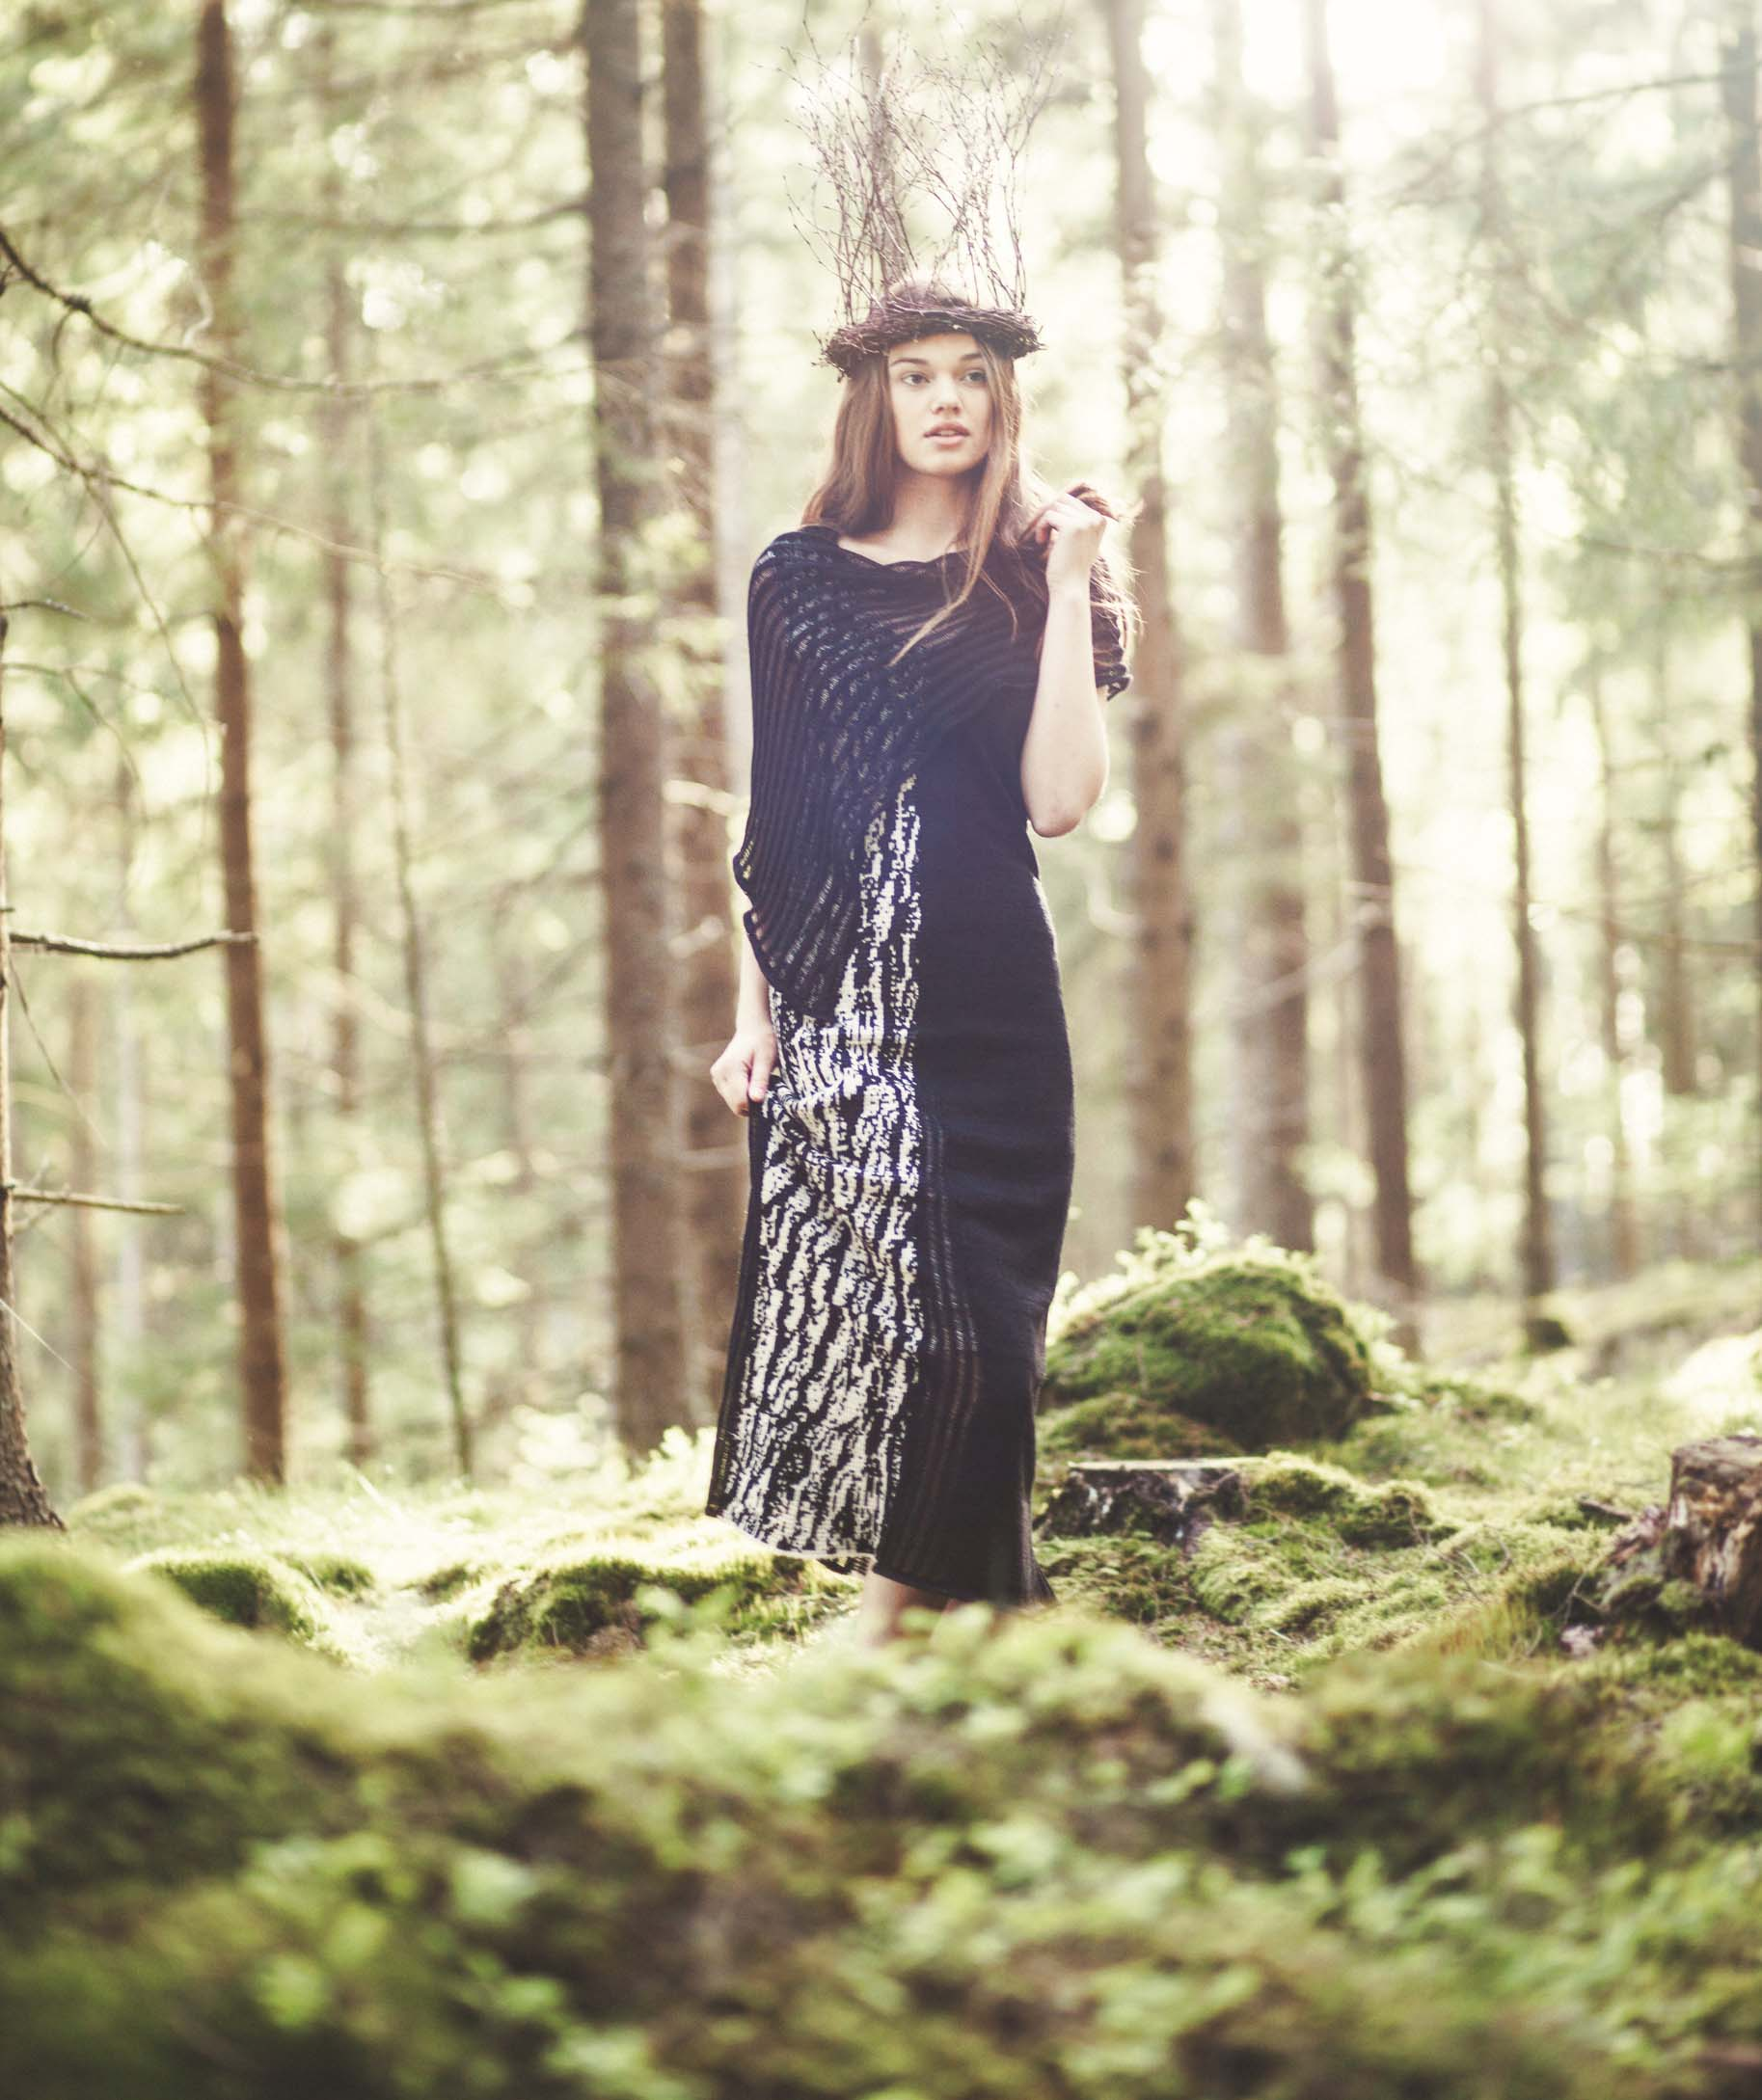 Björk lång klänning hela.jpg